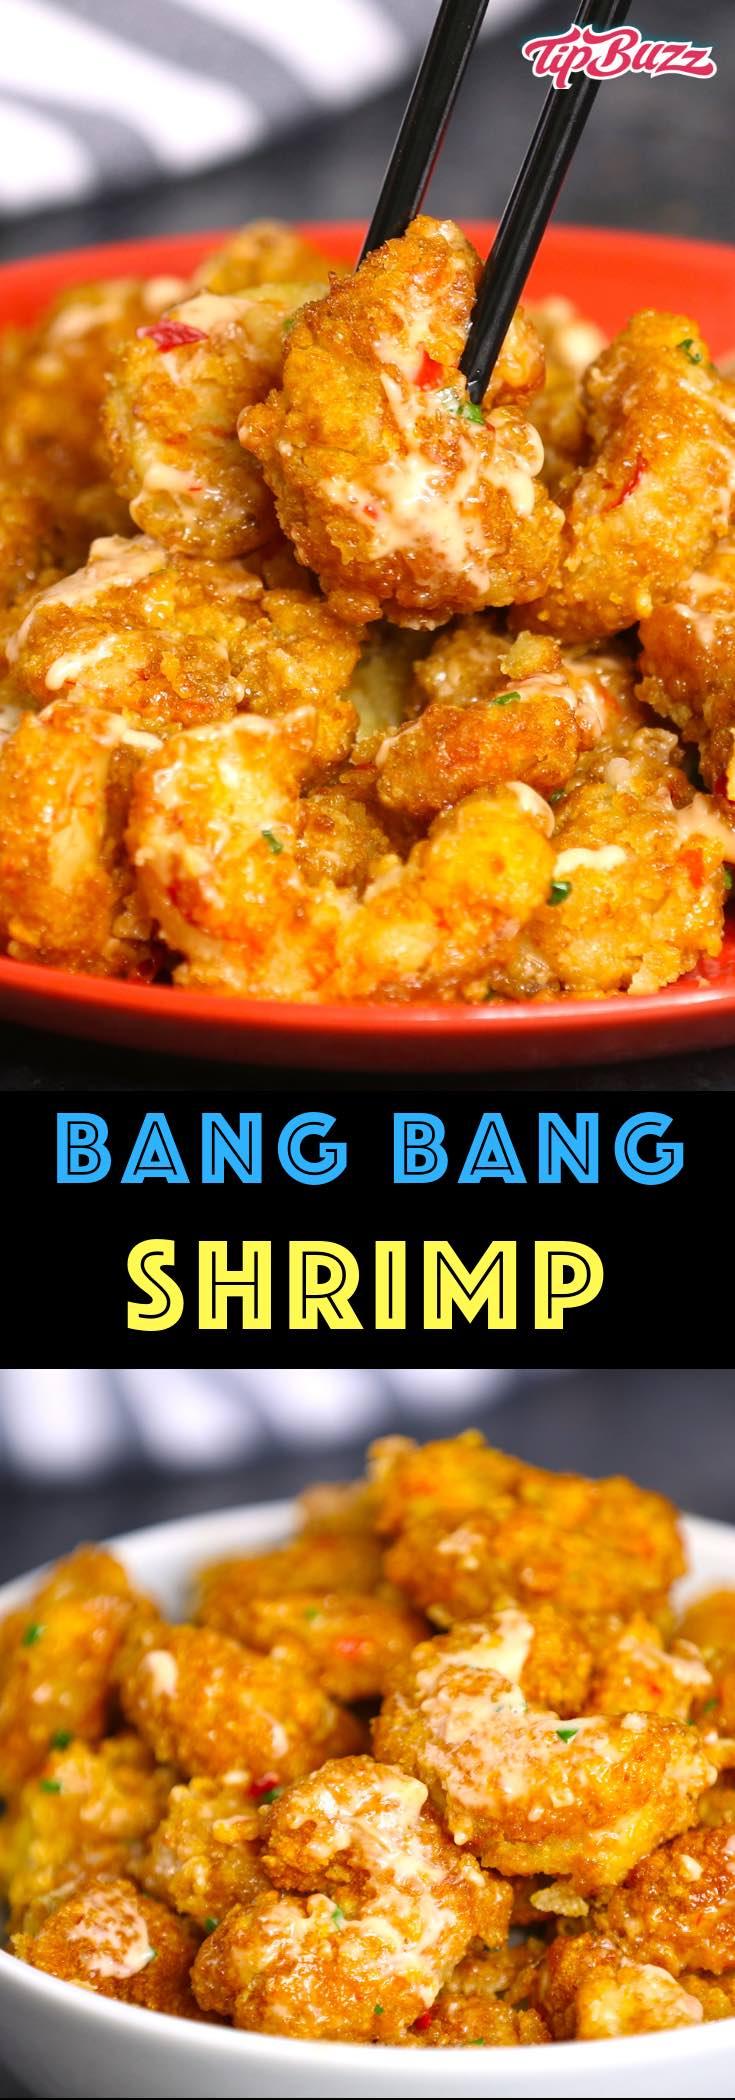 Bang Bang Shrimp is crispy and sizzling shrimp smothered in a creamy, sweet and spicy bang bang sauce. This easy recipe can rival the popular Bonefish Grill bang bang shrimp